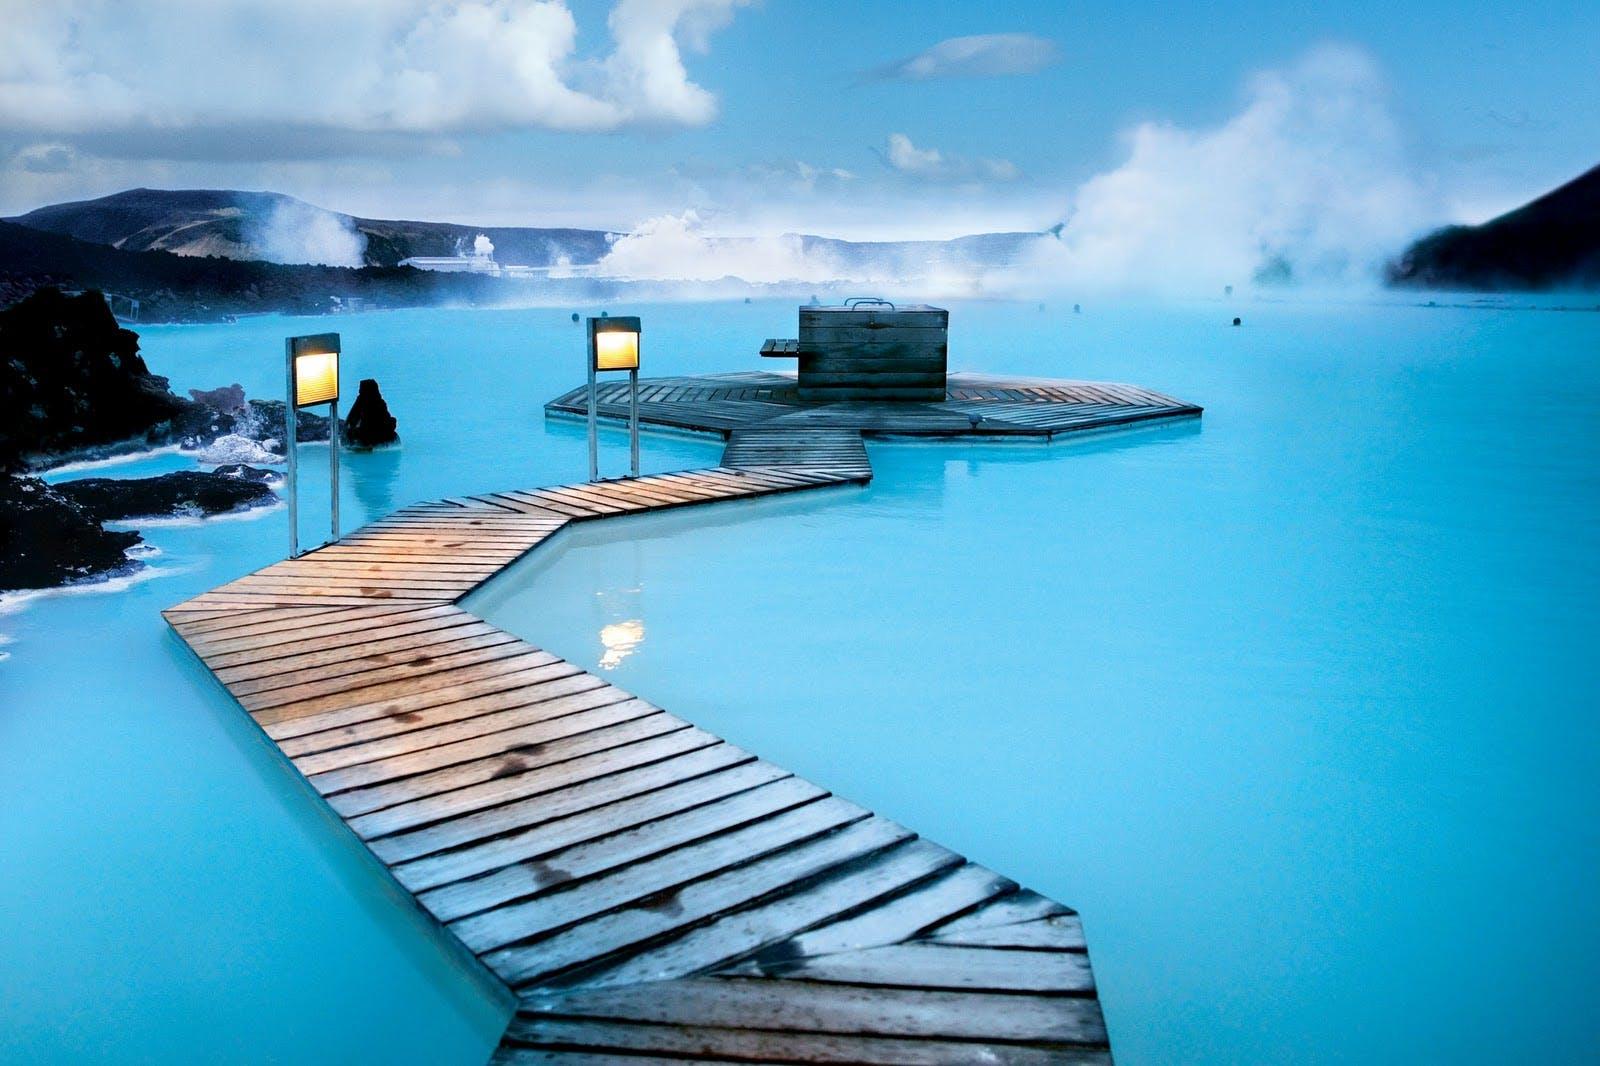 12-дневный зимний пакетный тур | Путешествие вокруг Исландии и на полуостров Снайфелльснес - day 1